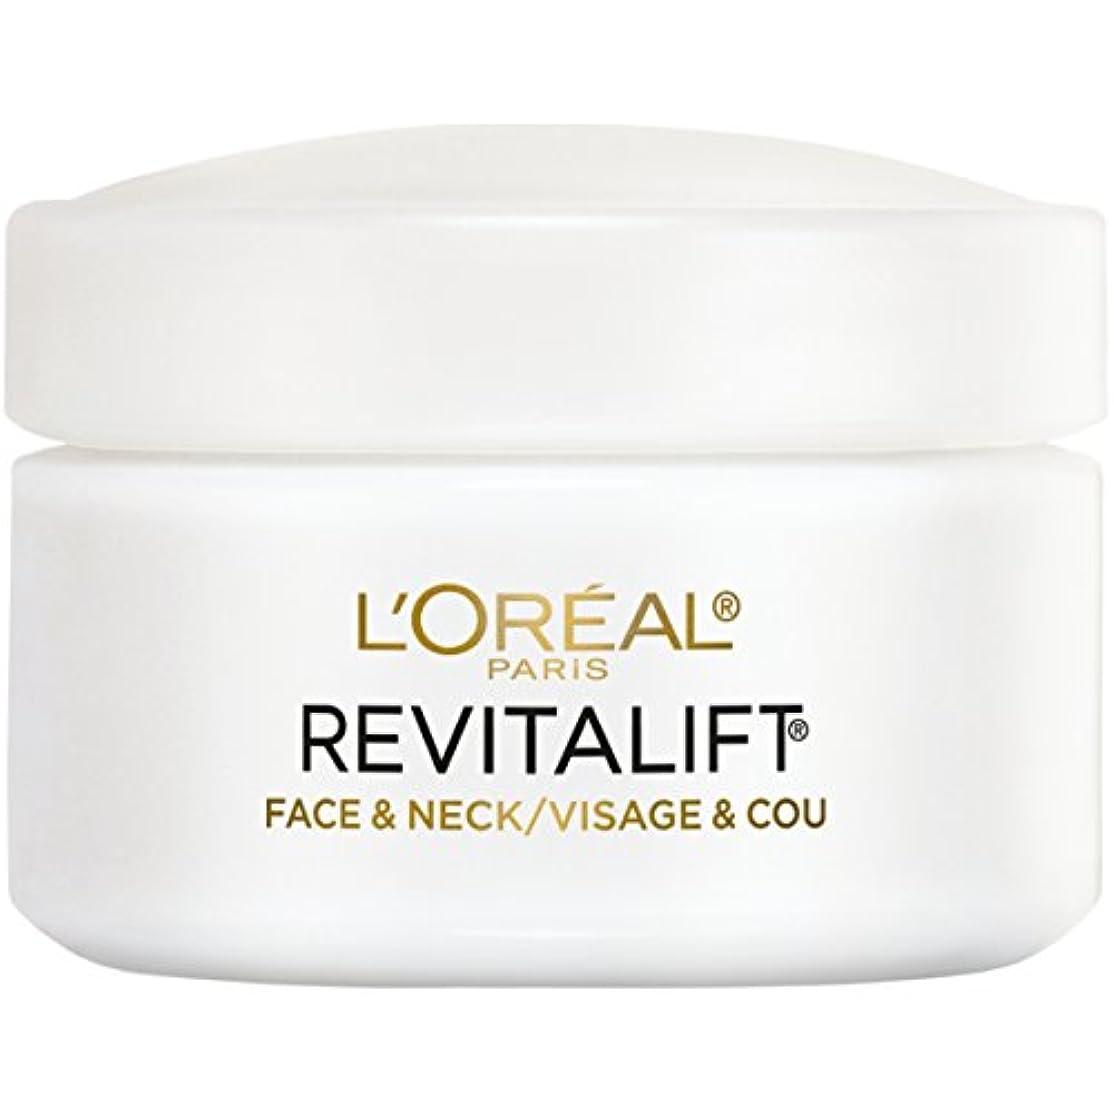 移動するエリート守銭奴L'Oreal Paris Advanced RevitaLift Face and Neck Day Cream, 1.7 Ounce (並行輸入品)